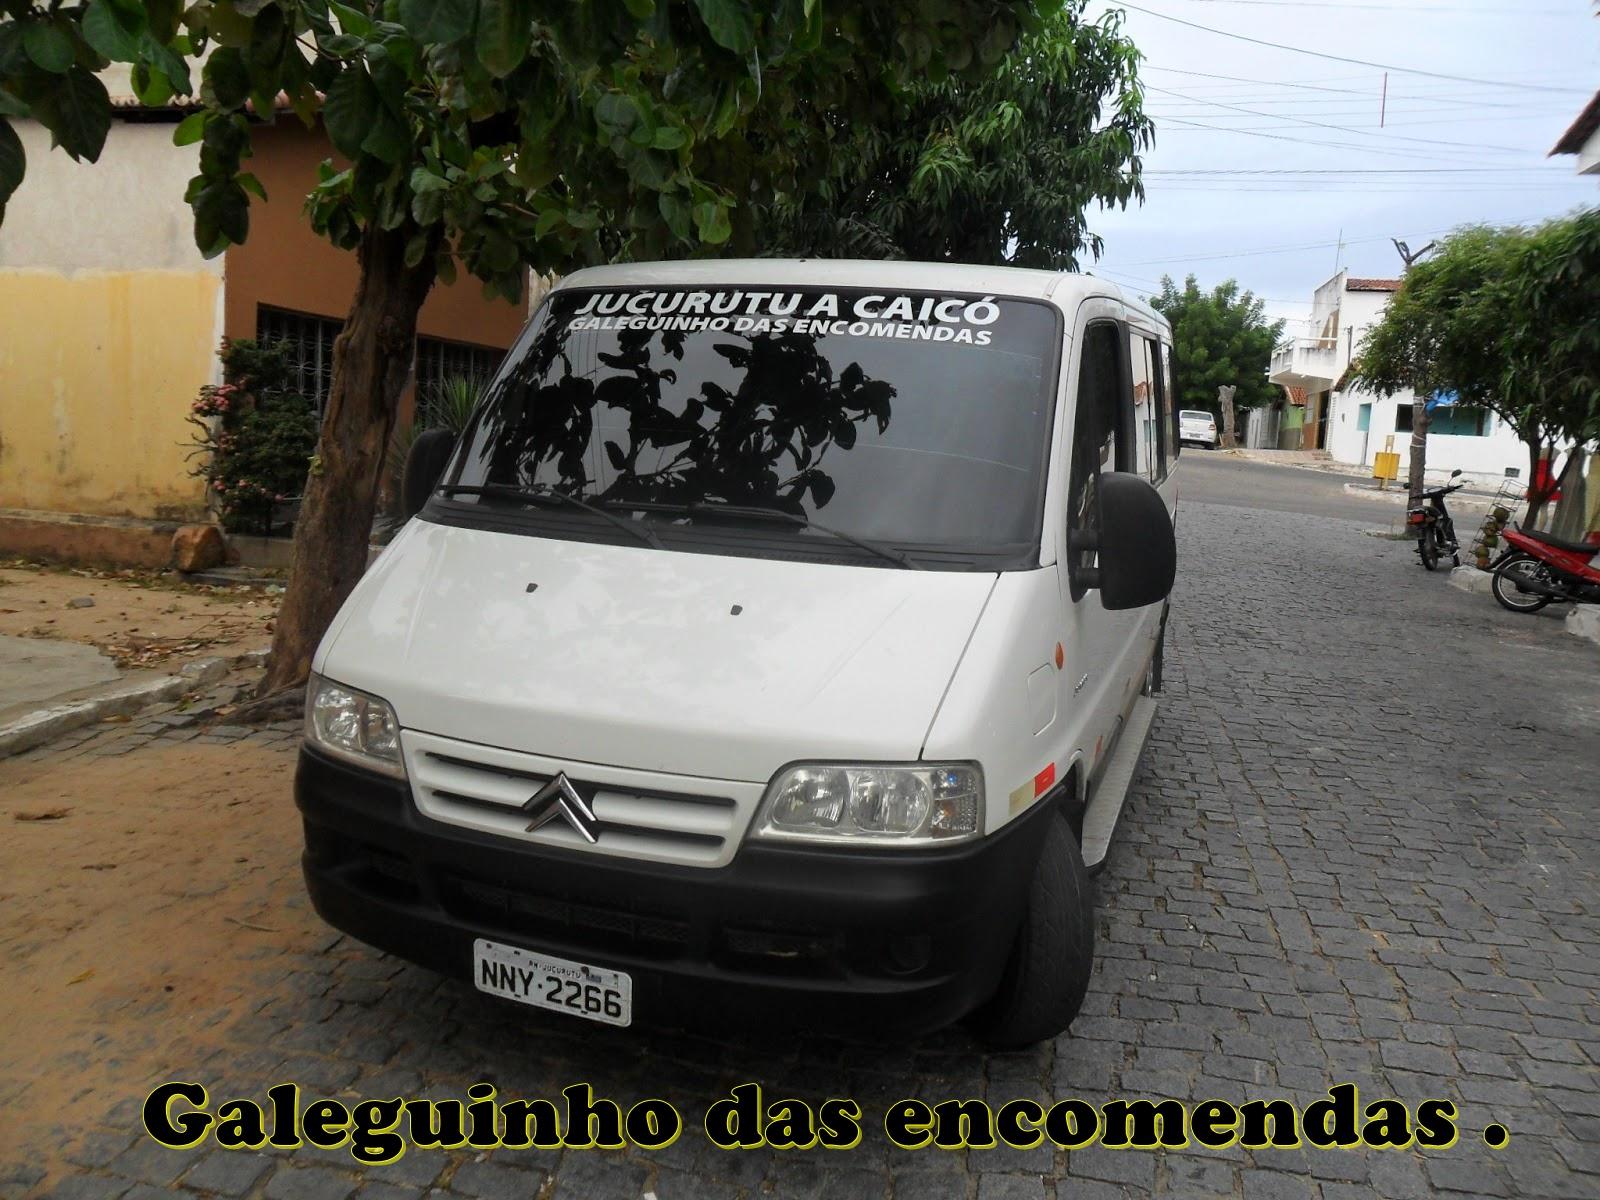 GALEGUINHO DAS ENCOMENDAS